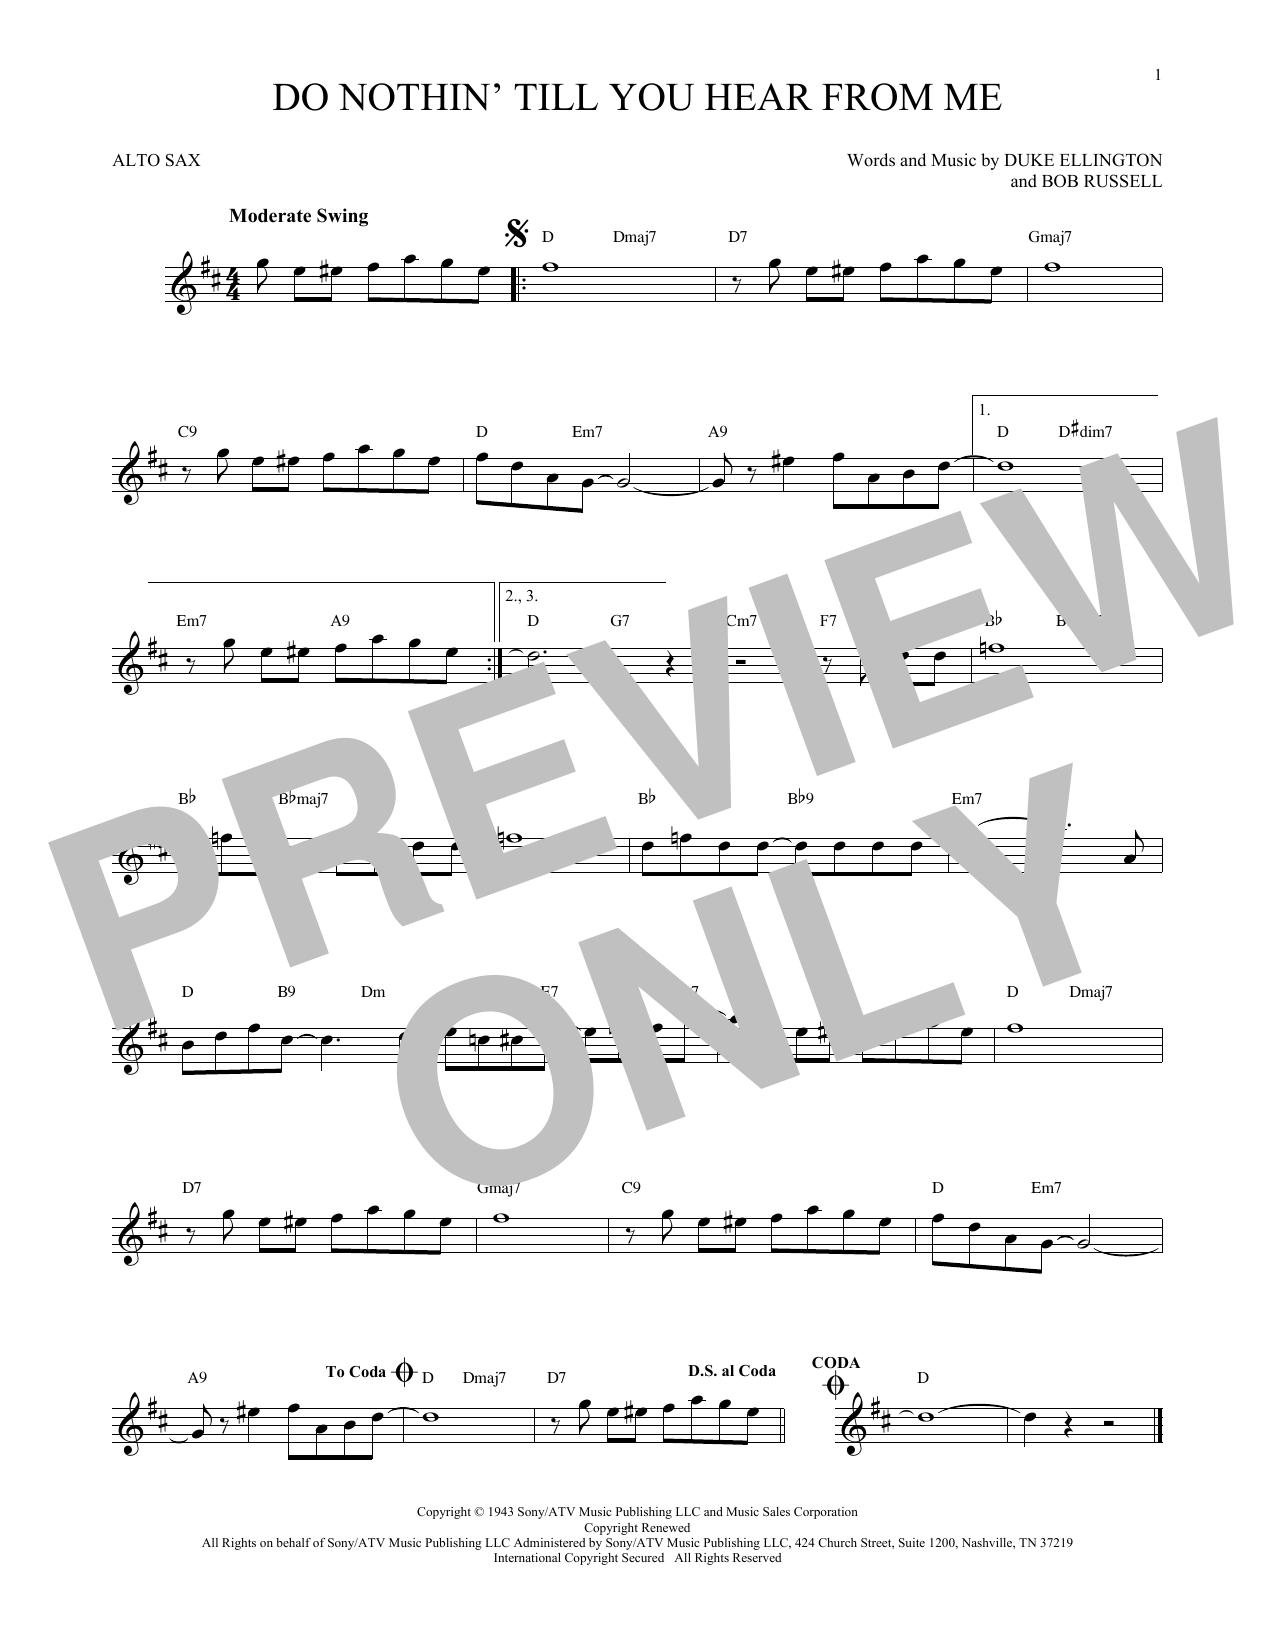 Do Nothin' Till You Hear From Me (Alto Sax Solo)